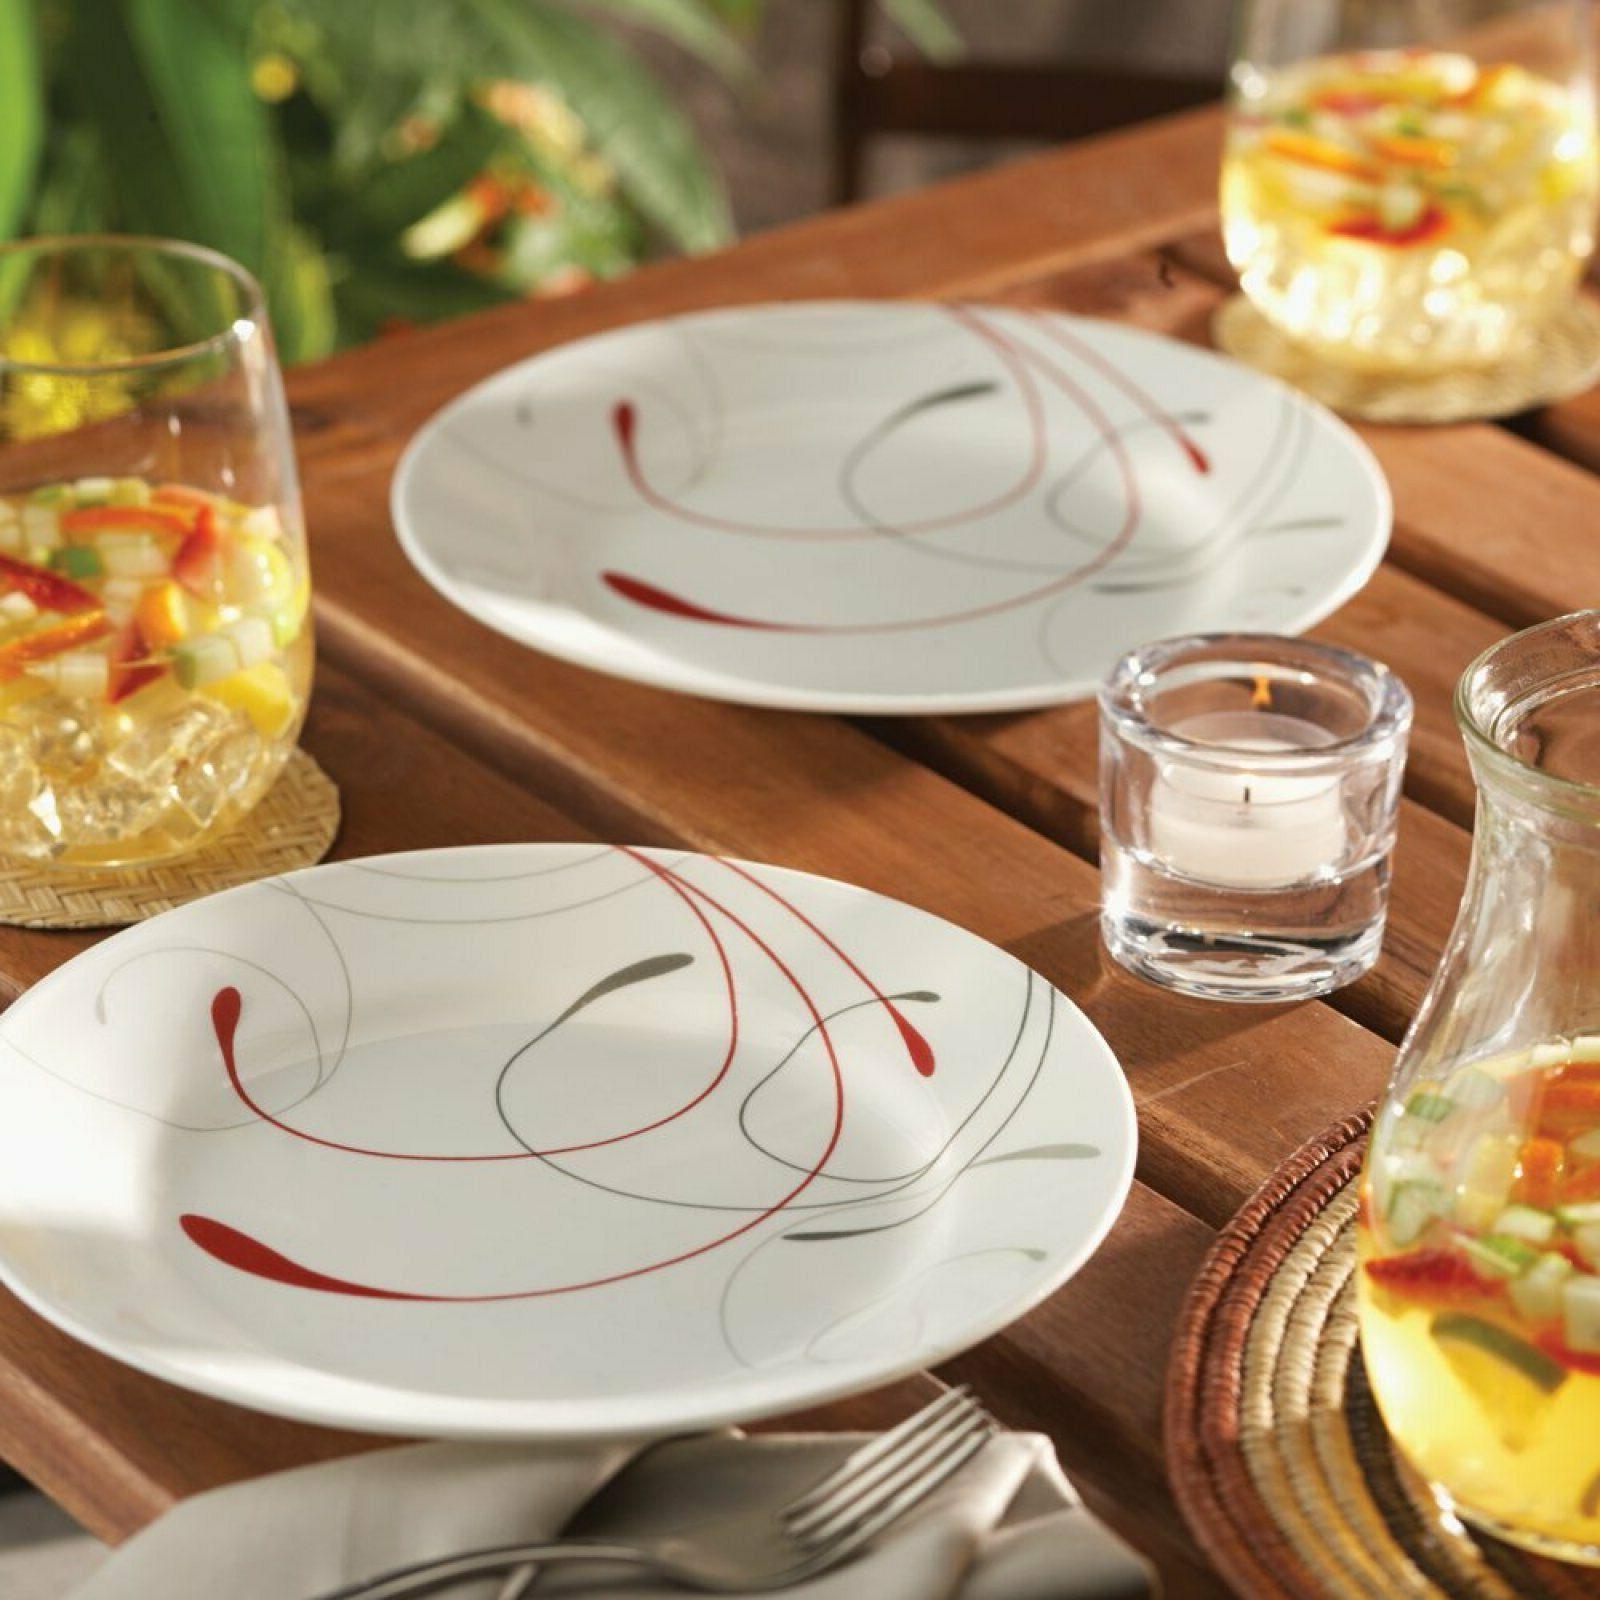 Corelle Livingware Splendor 16pc Dinnerware Set Service for